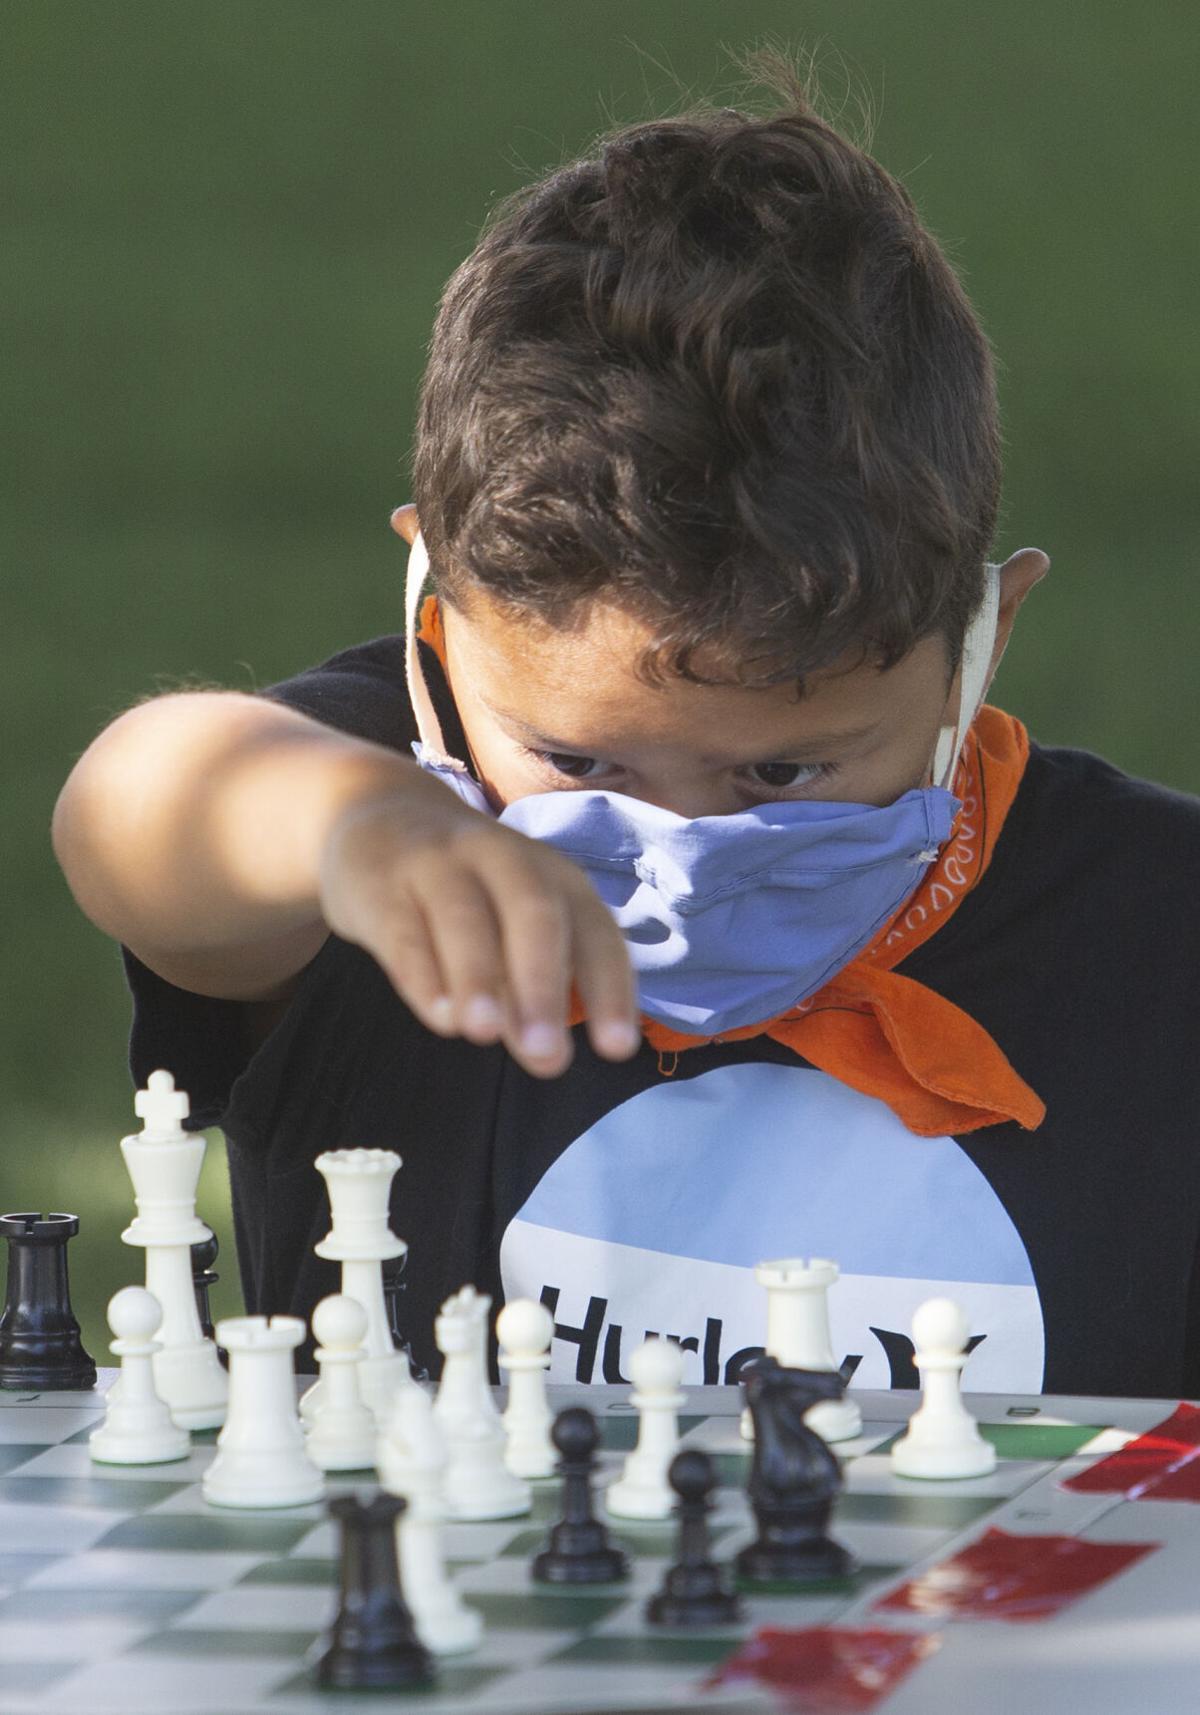 200825-newslocal-chess 02.JPG